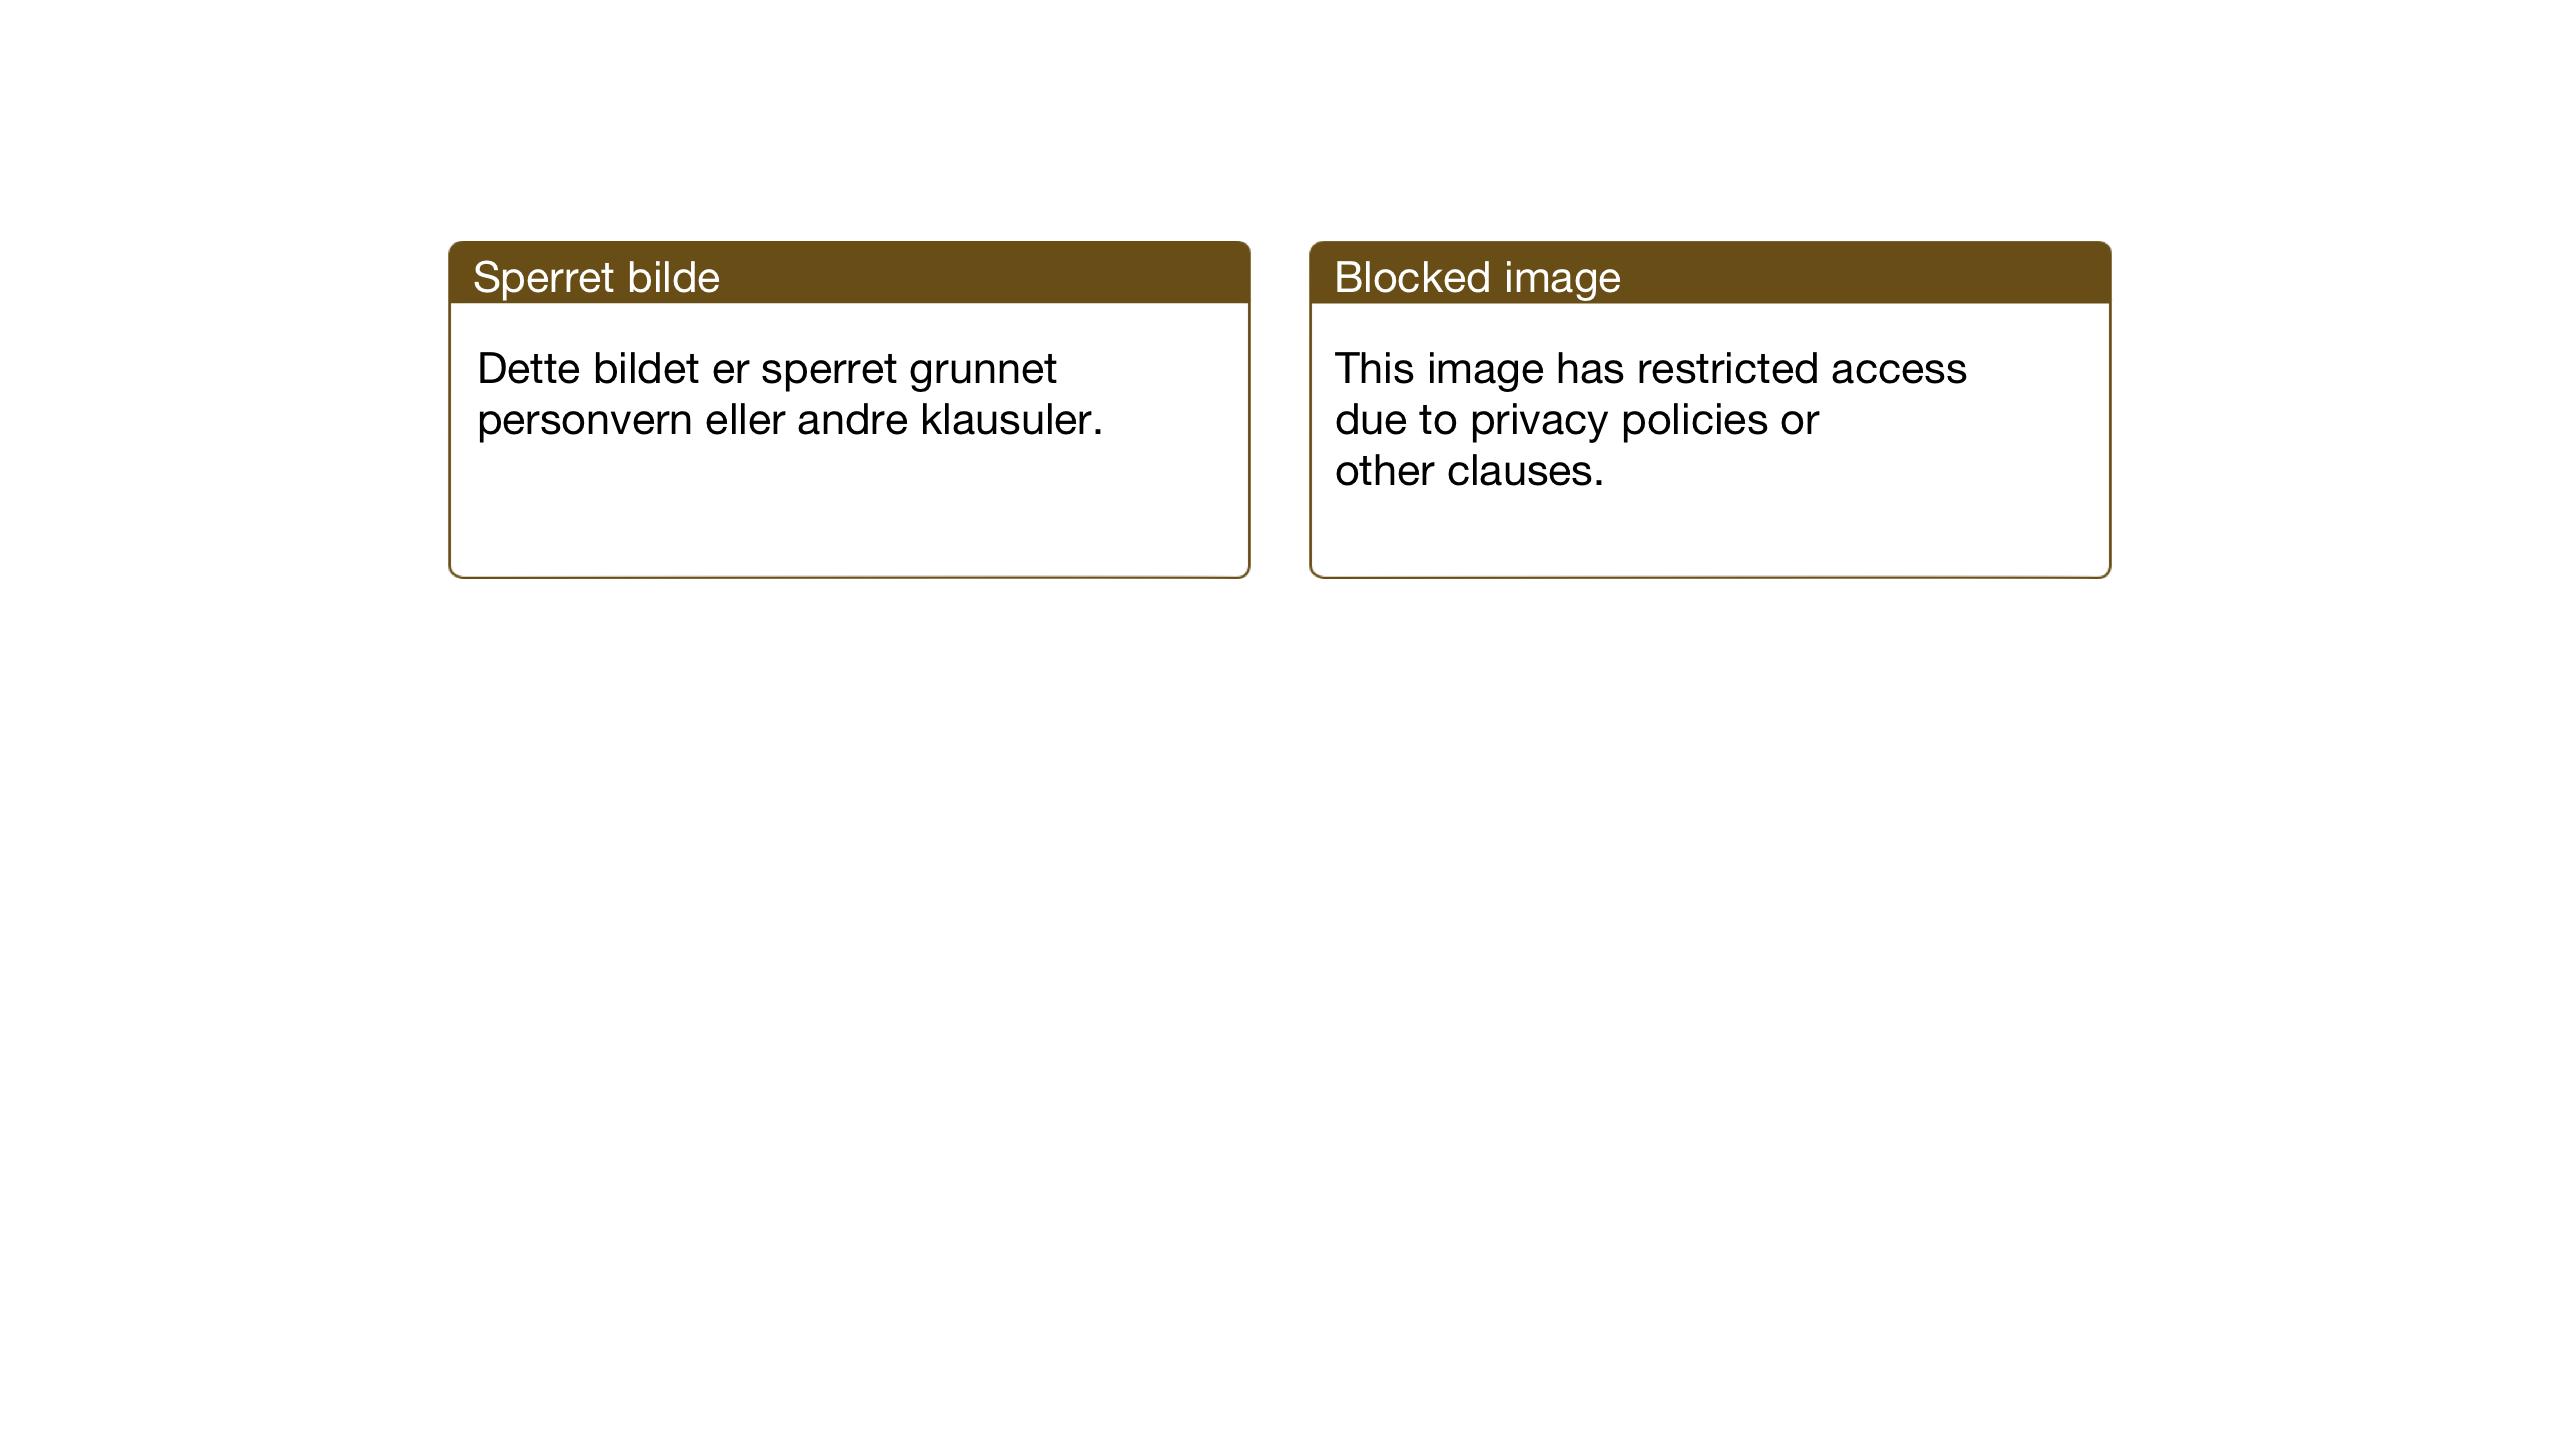 SAT, Ministerialprotokoller, klokkerbøker og fødselsregistre - Sør-Trøndelag, 635/L0554: Klokkerbok nr. 635C02, 1919-1942, s. 62